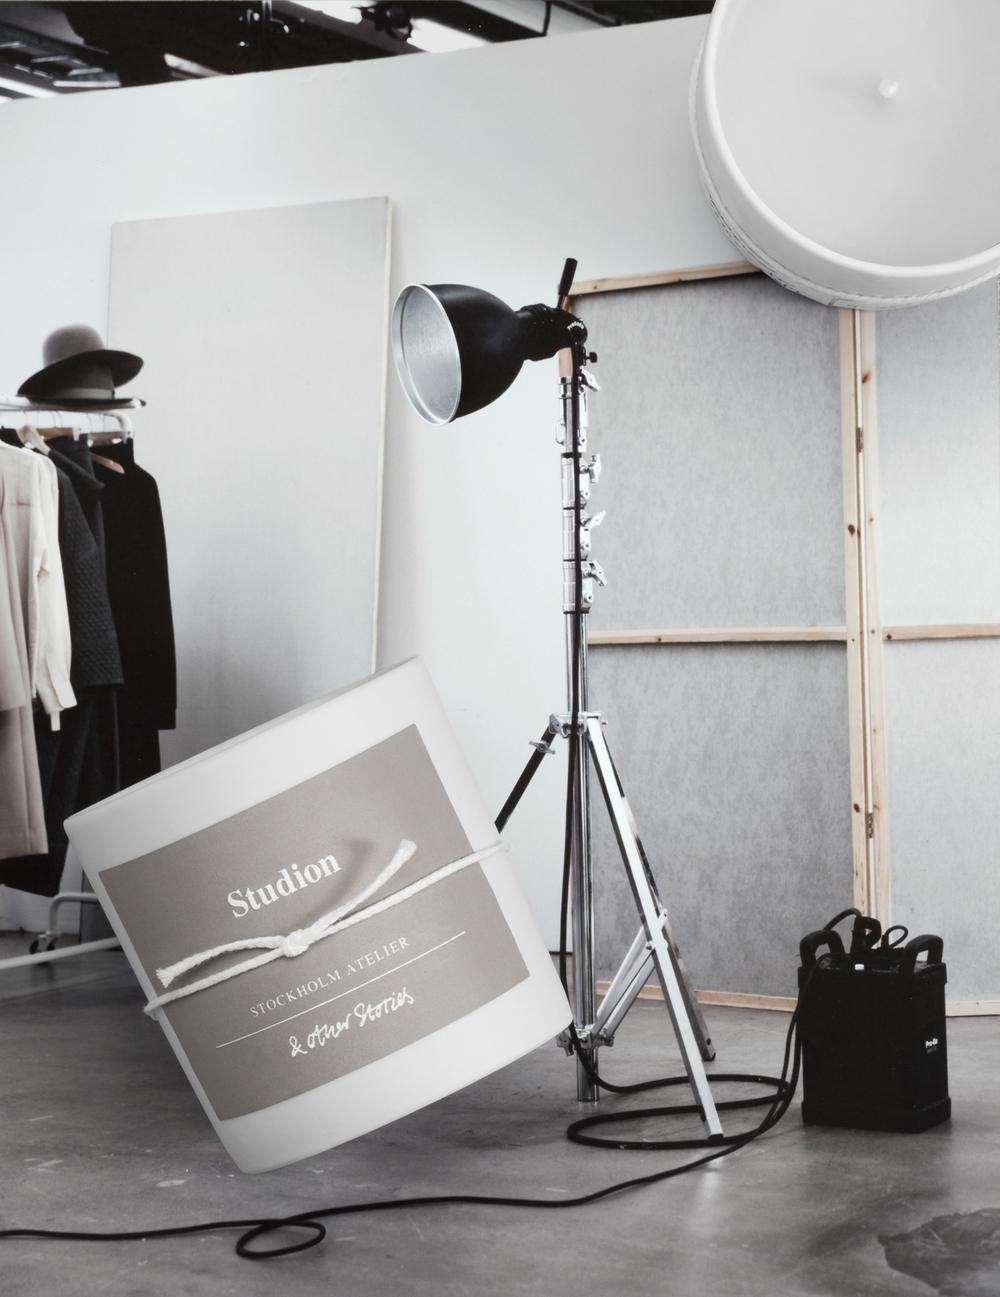 DF Studion_MoodImage_Stories.jpg